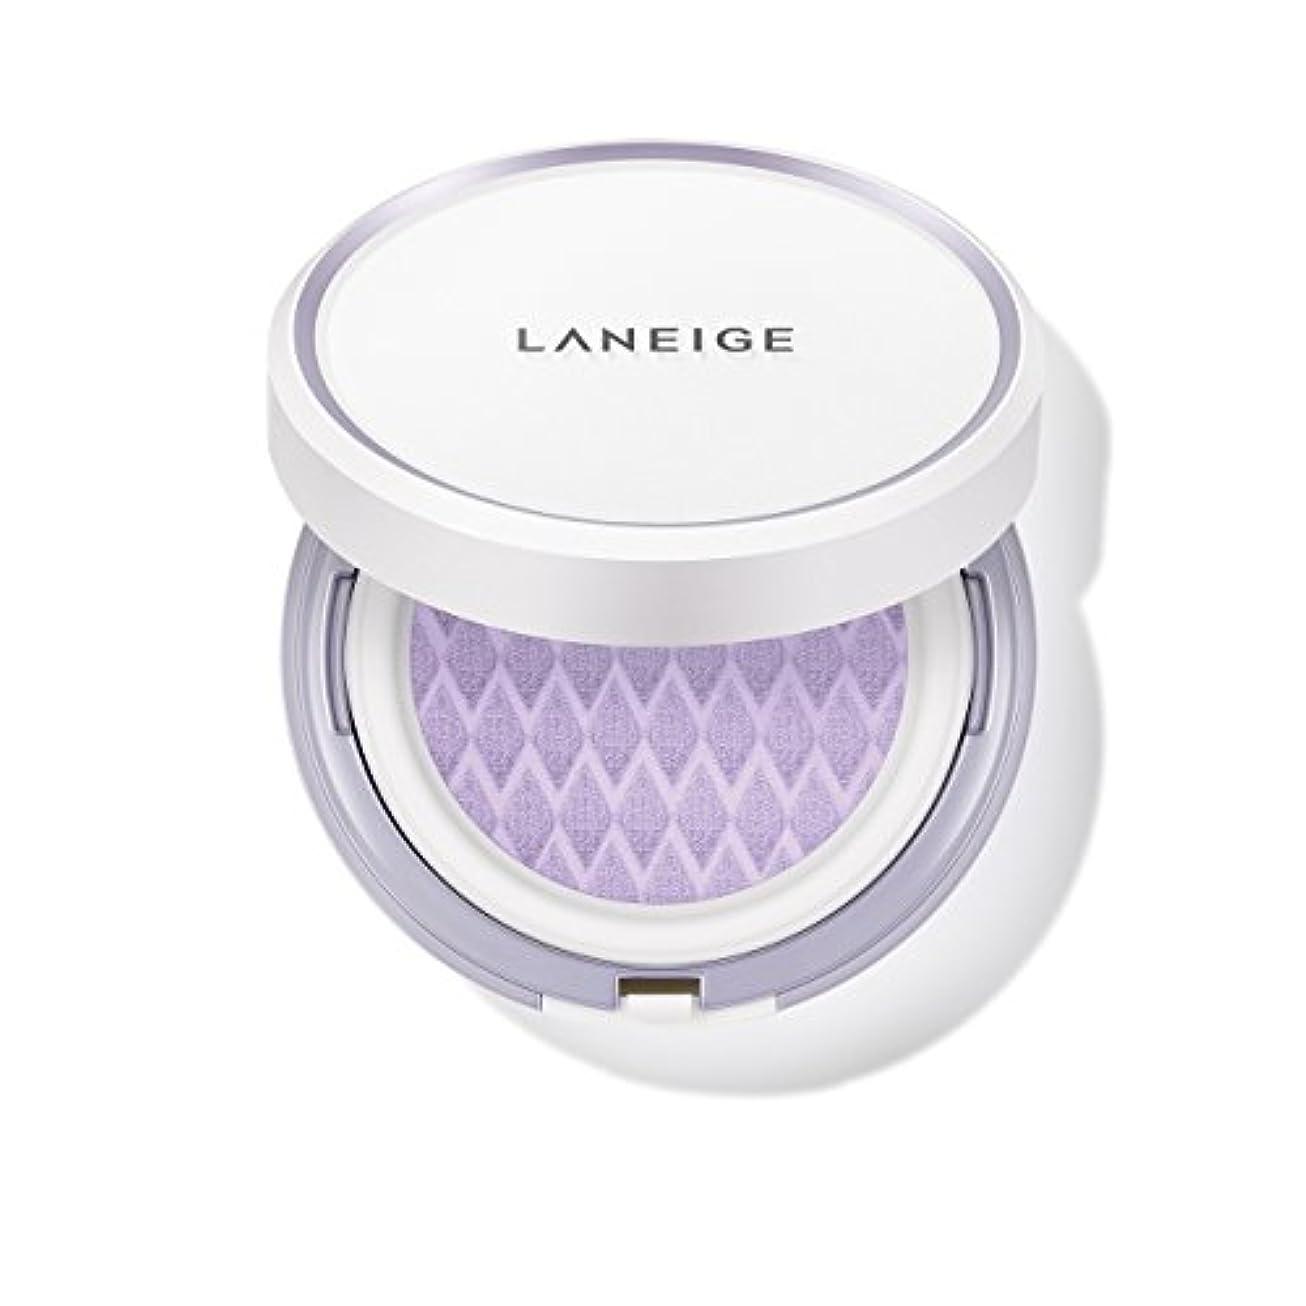 パック統治可能洗練されたラネージュ[LANEIGE]*AMOREPACIFIC*[新商品]スキンベなベースクッションSPF 22PA++(#40 Light Purple) 15g*2 / LANEIGE Skin Veil Base Cushion...